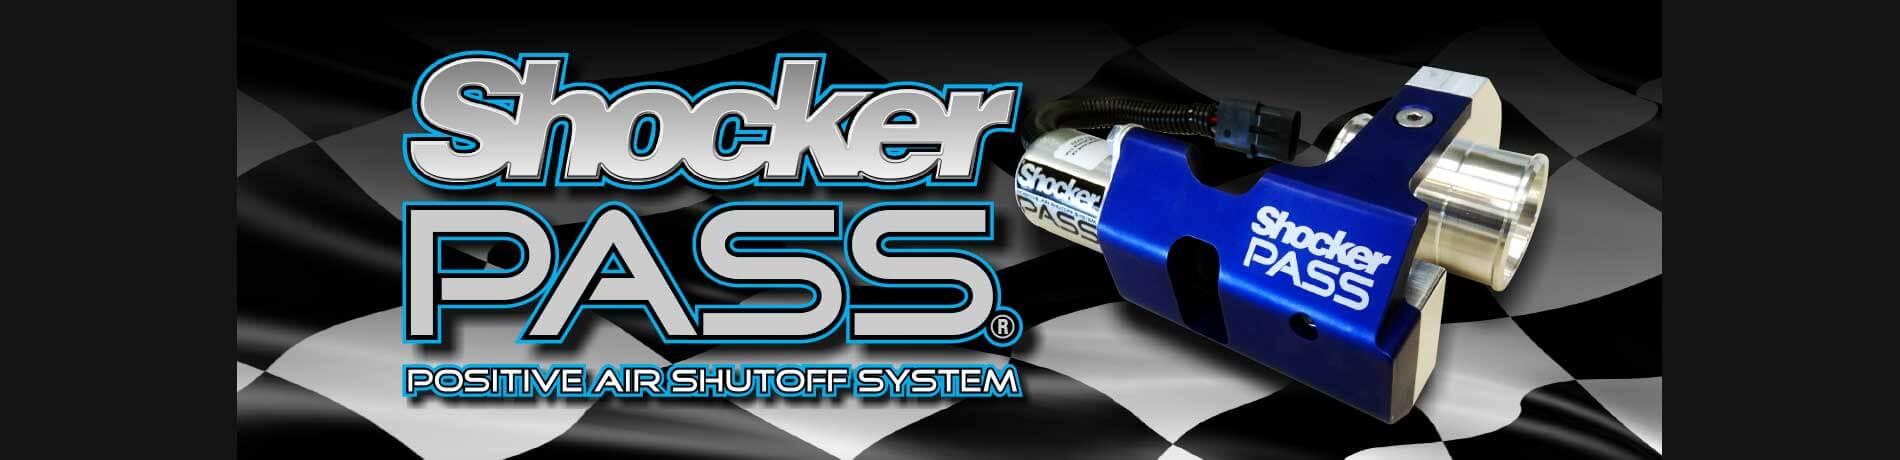 Shocker Pass Positive Air Shutoff System